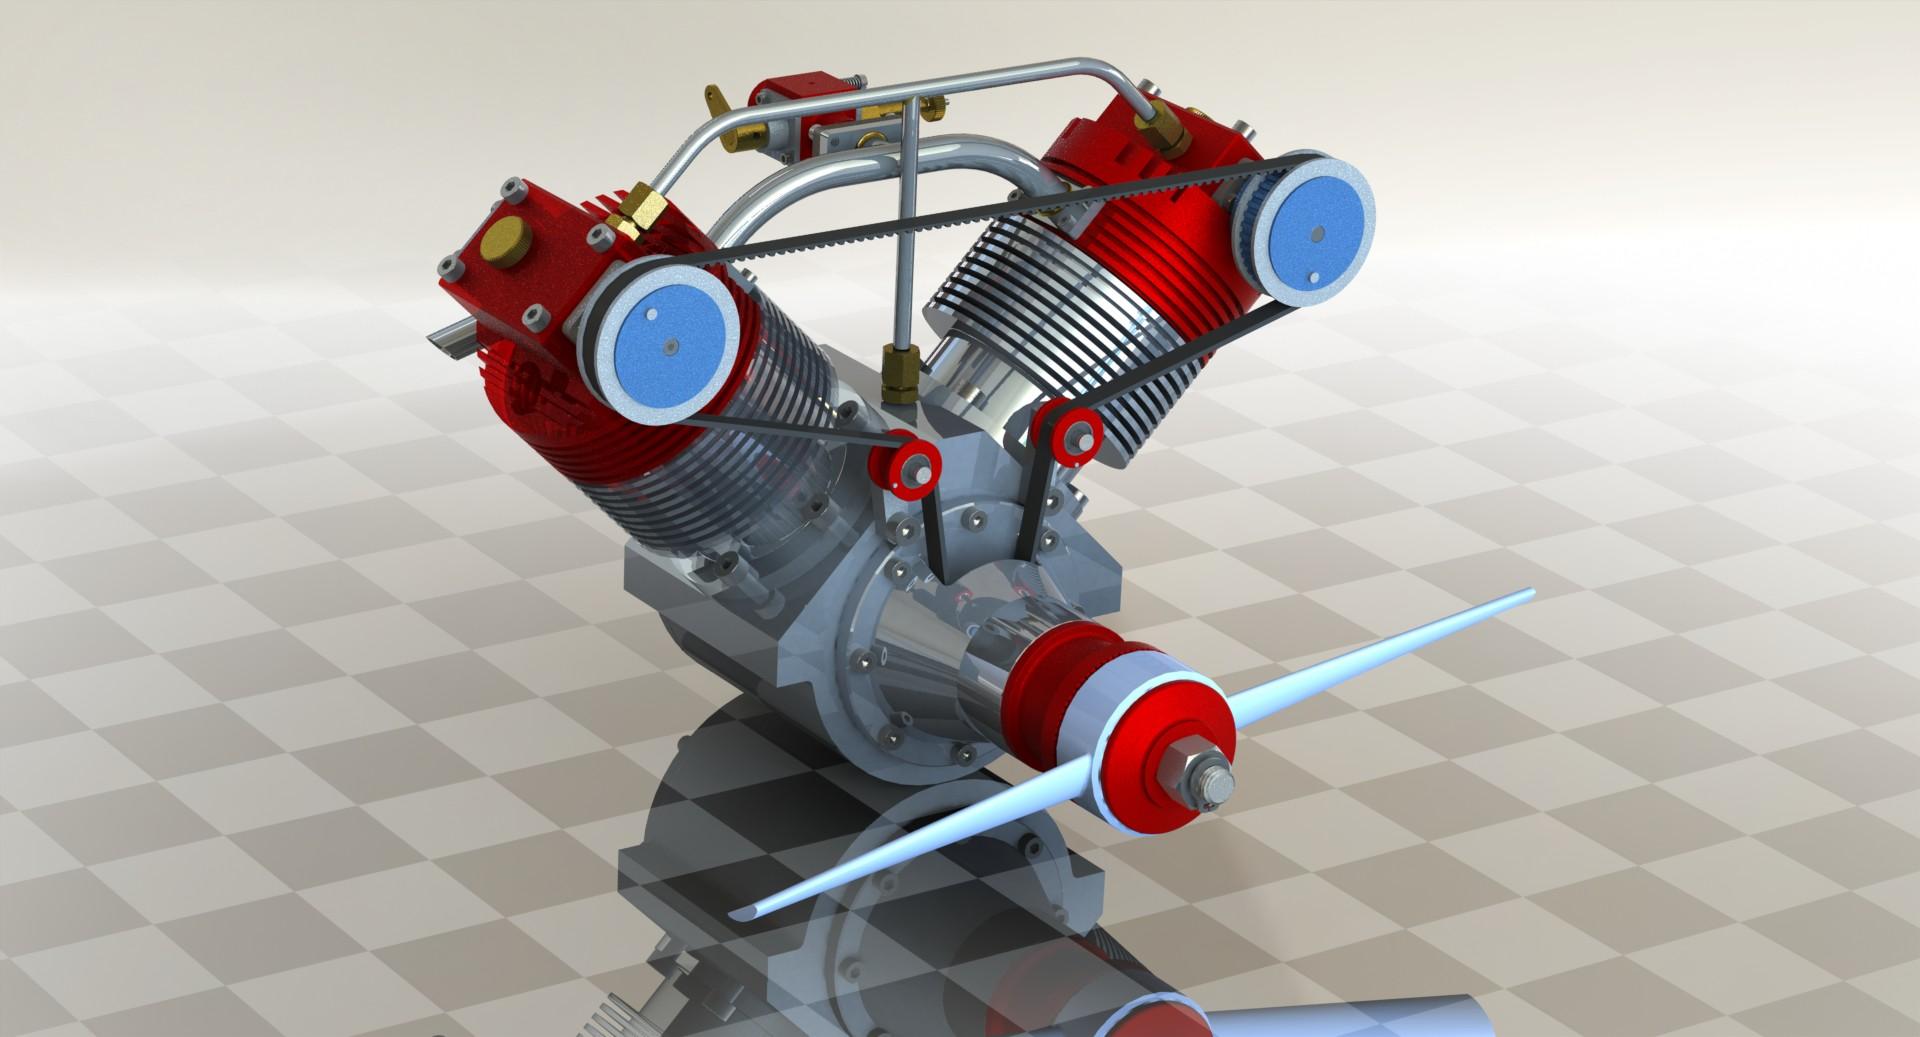 A 20cc四冲程航模活塞发动机 3D模型